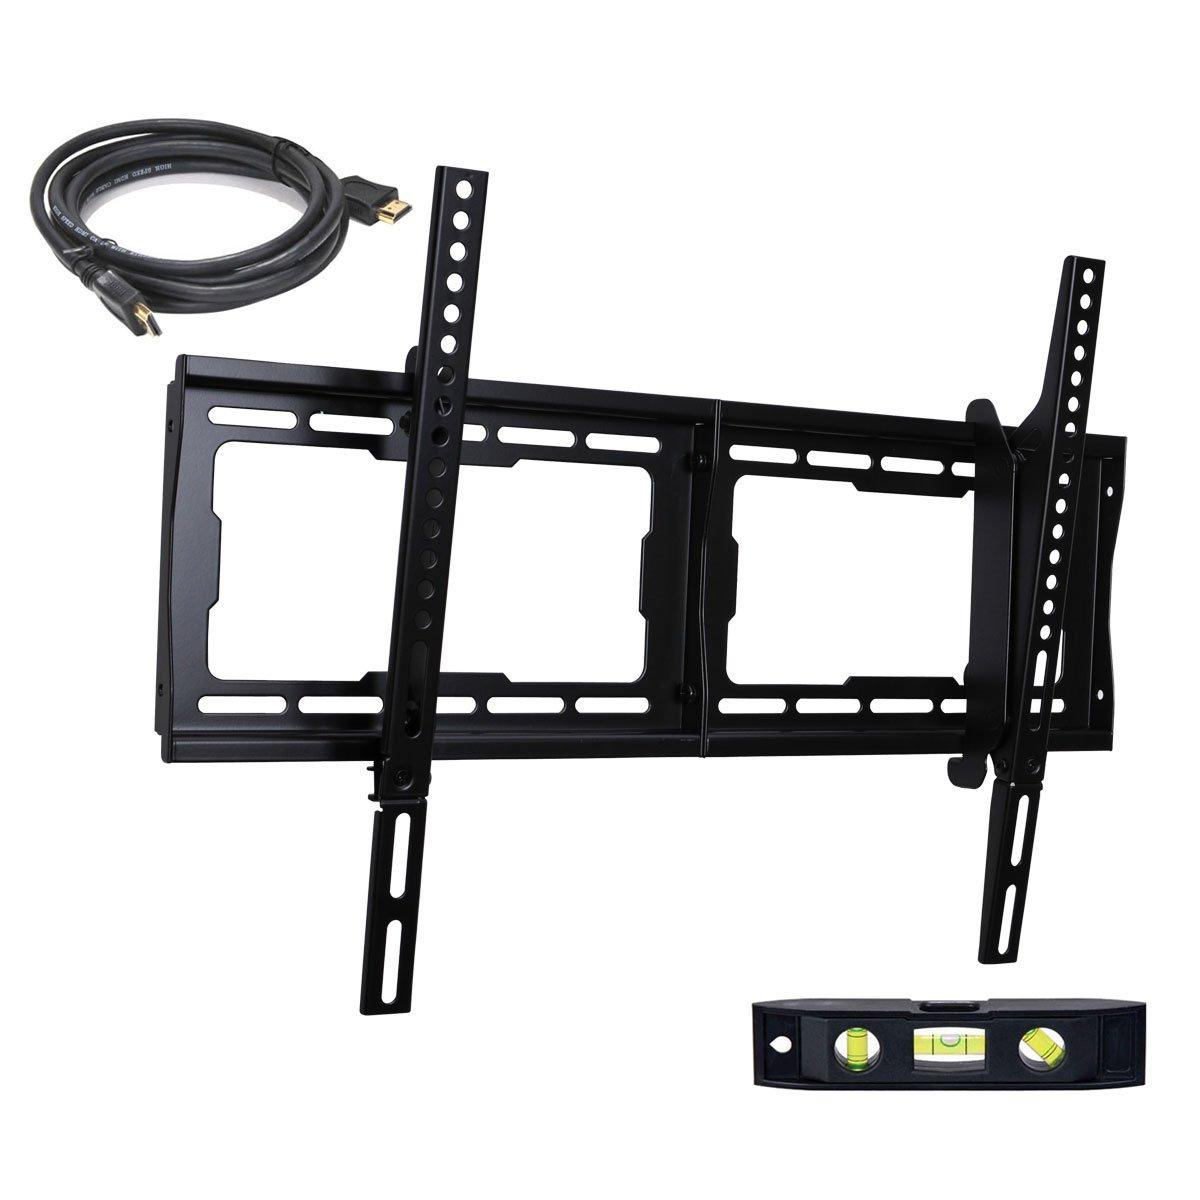 VideoSecu Flat Panel Tilt LCD LED 3D TV Wall Mount Fits most 32- 63 TVs for Panasonic TC-32LX14 TC-P42C2 TC-L42U12 TC-L32C12 TC-L32X1 TC-L37X1 TC-L37S1 TC-L37G1 TC-L32S1 LED HDTV- VESA Compatible up to 600x400 BG3